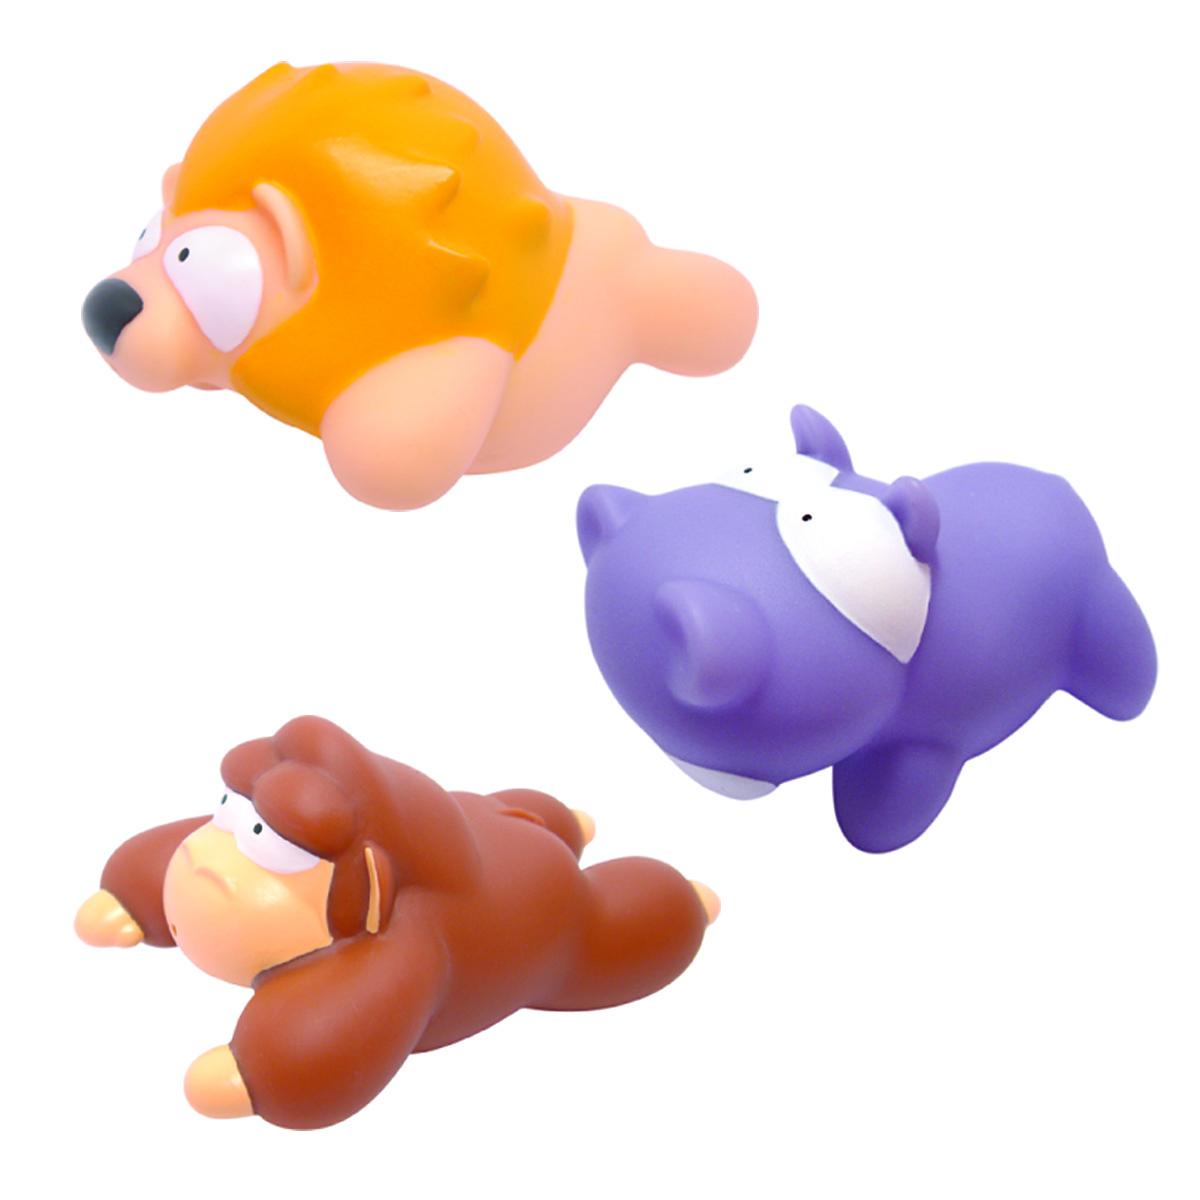 Mara Baby Набор игрушек для ванной Джунгли 3 шт игрушки для ванной alex игрушки для ванны джунгли